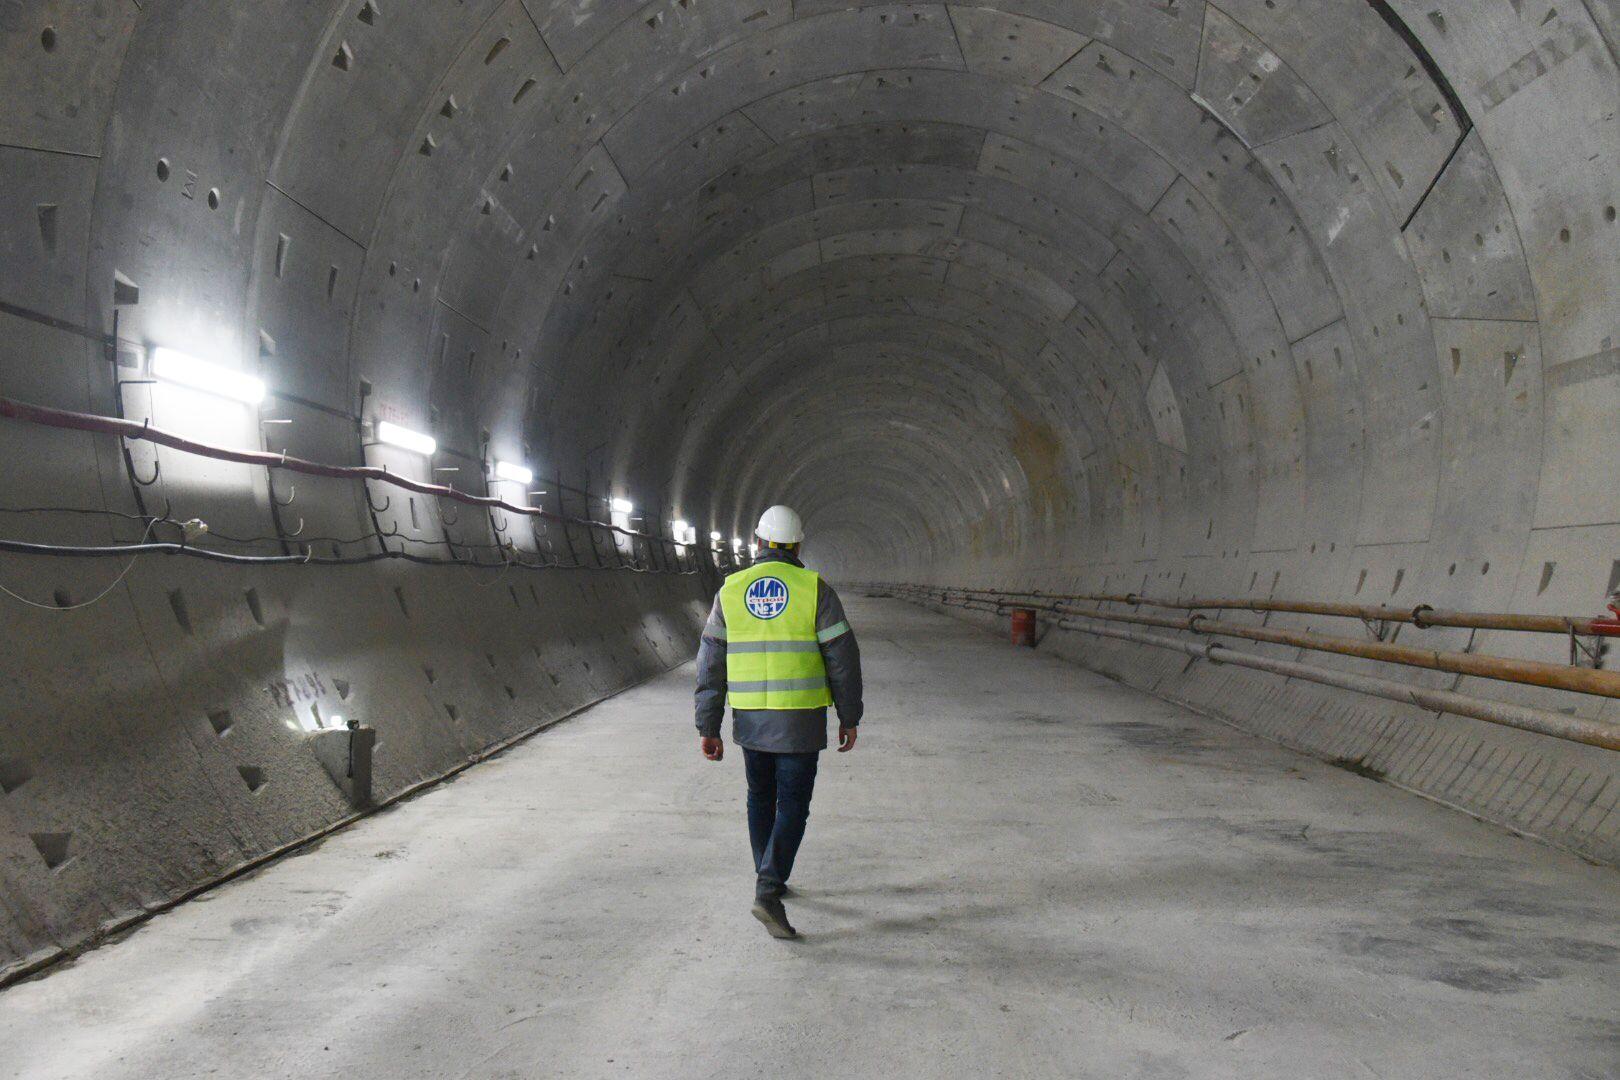 Специалисты запланировали запуск Большой кольцевой линии метро в 2023 году